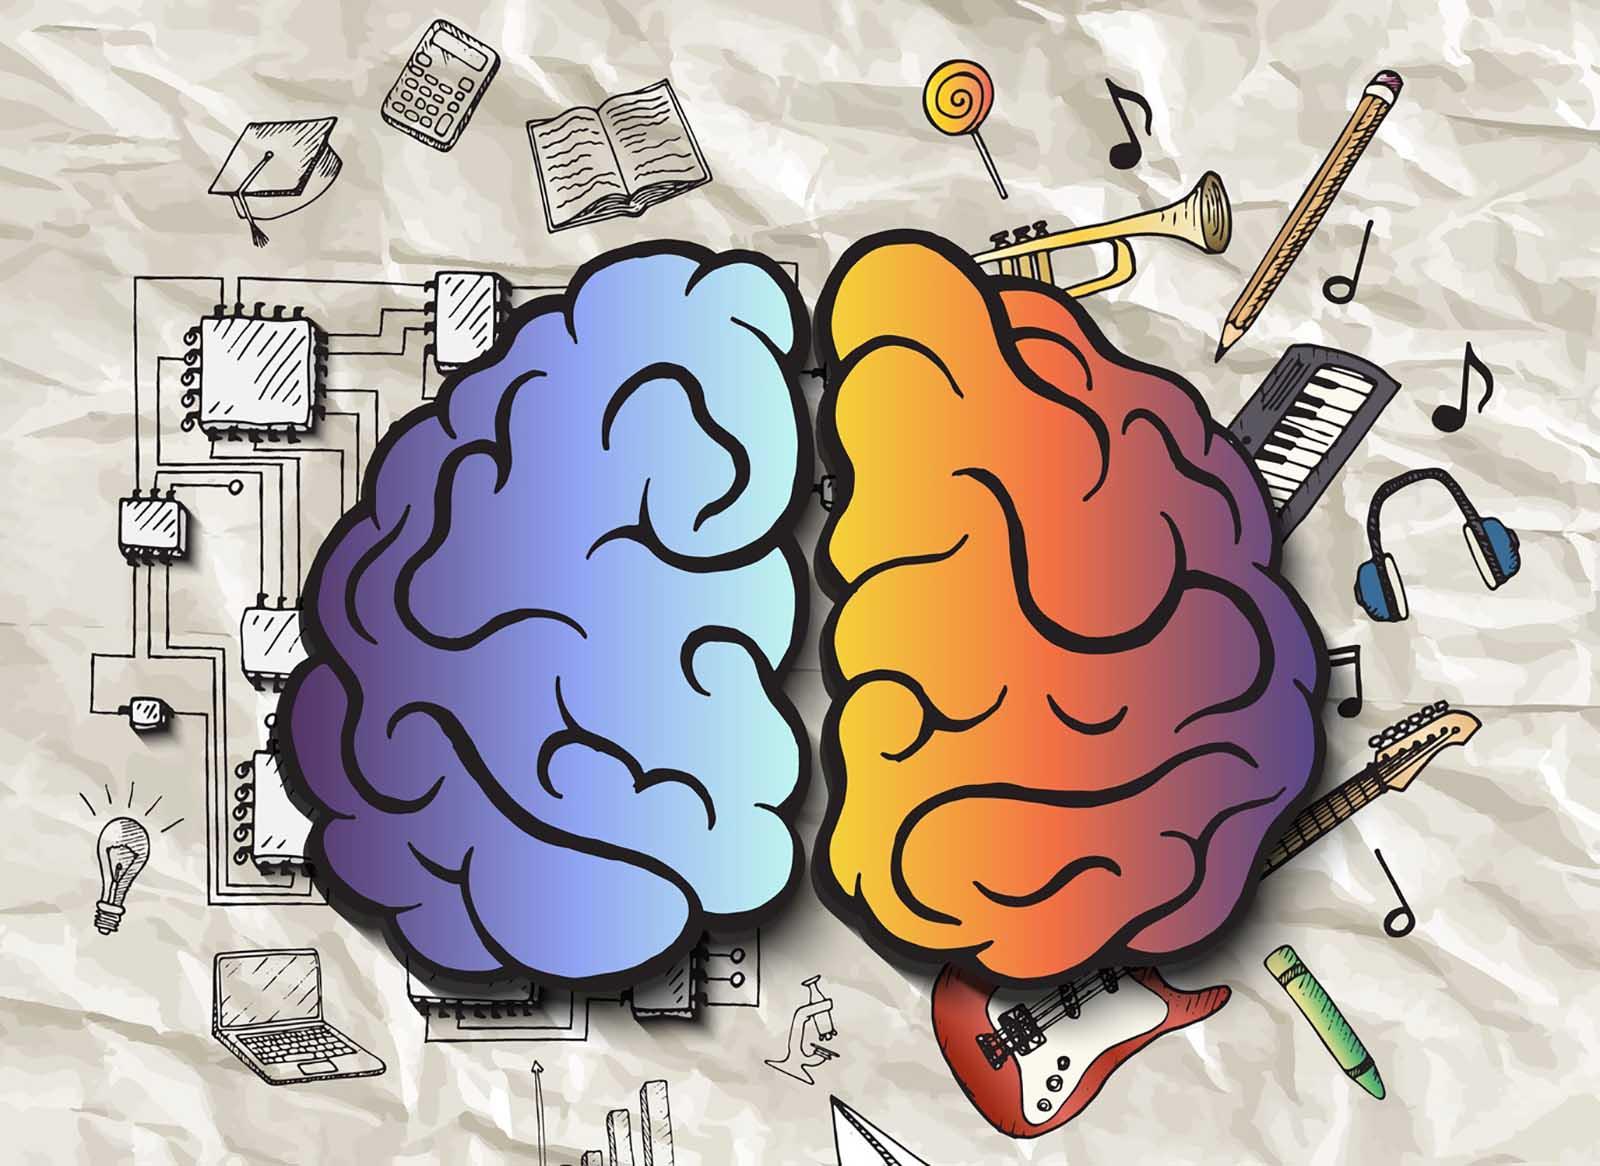 Бесплатный вебинар: Эмоциональный интеллект как инструмент увеличения прибыли бизнеса